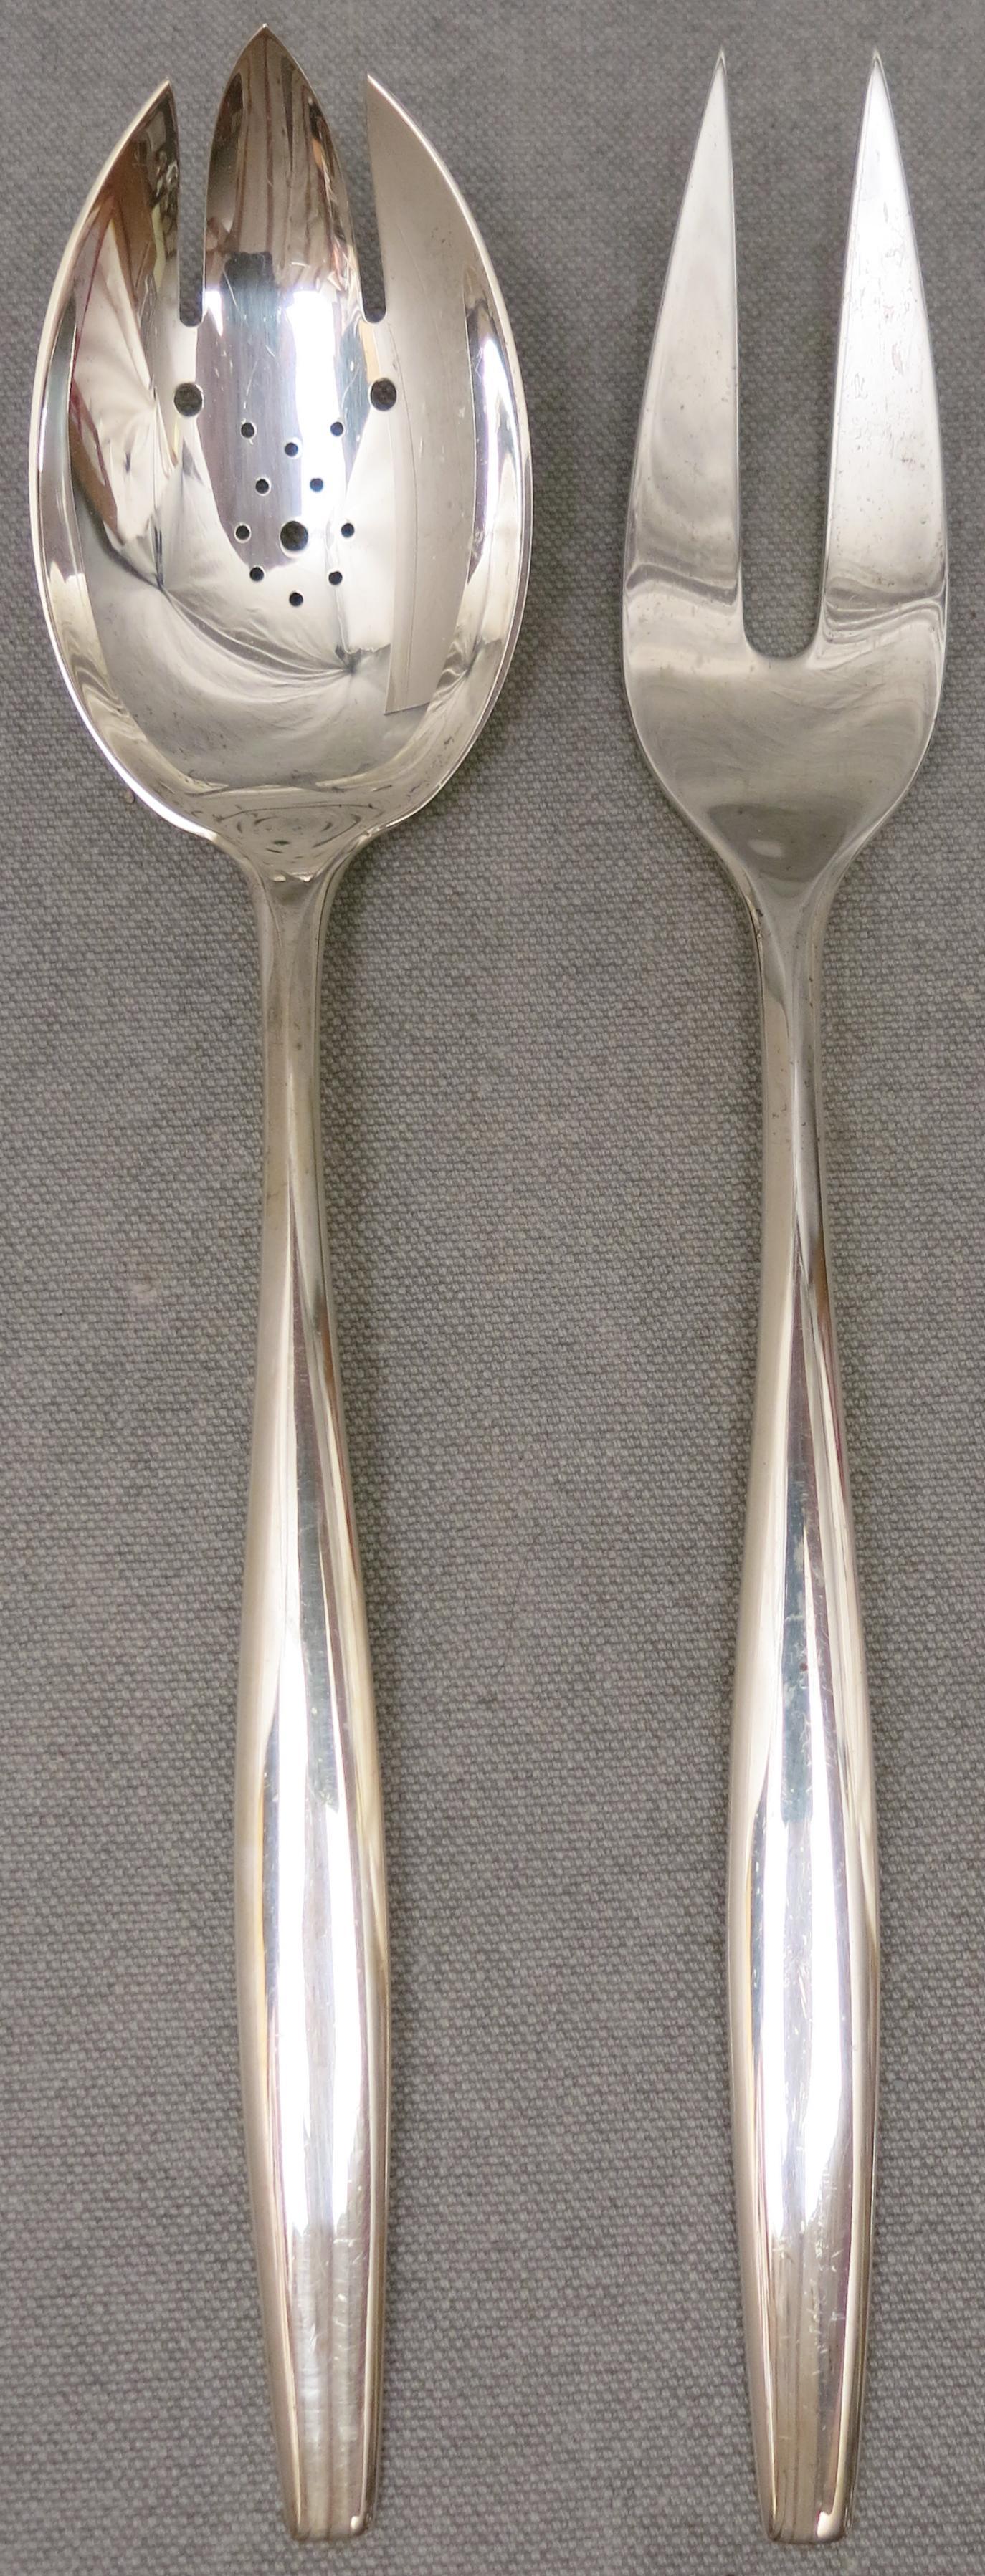 Sterling Flatware Kirk Signet Fork